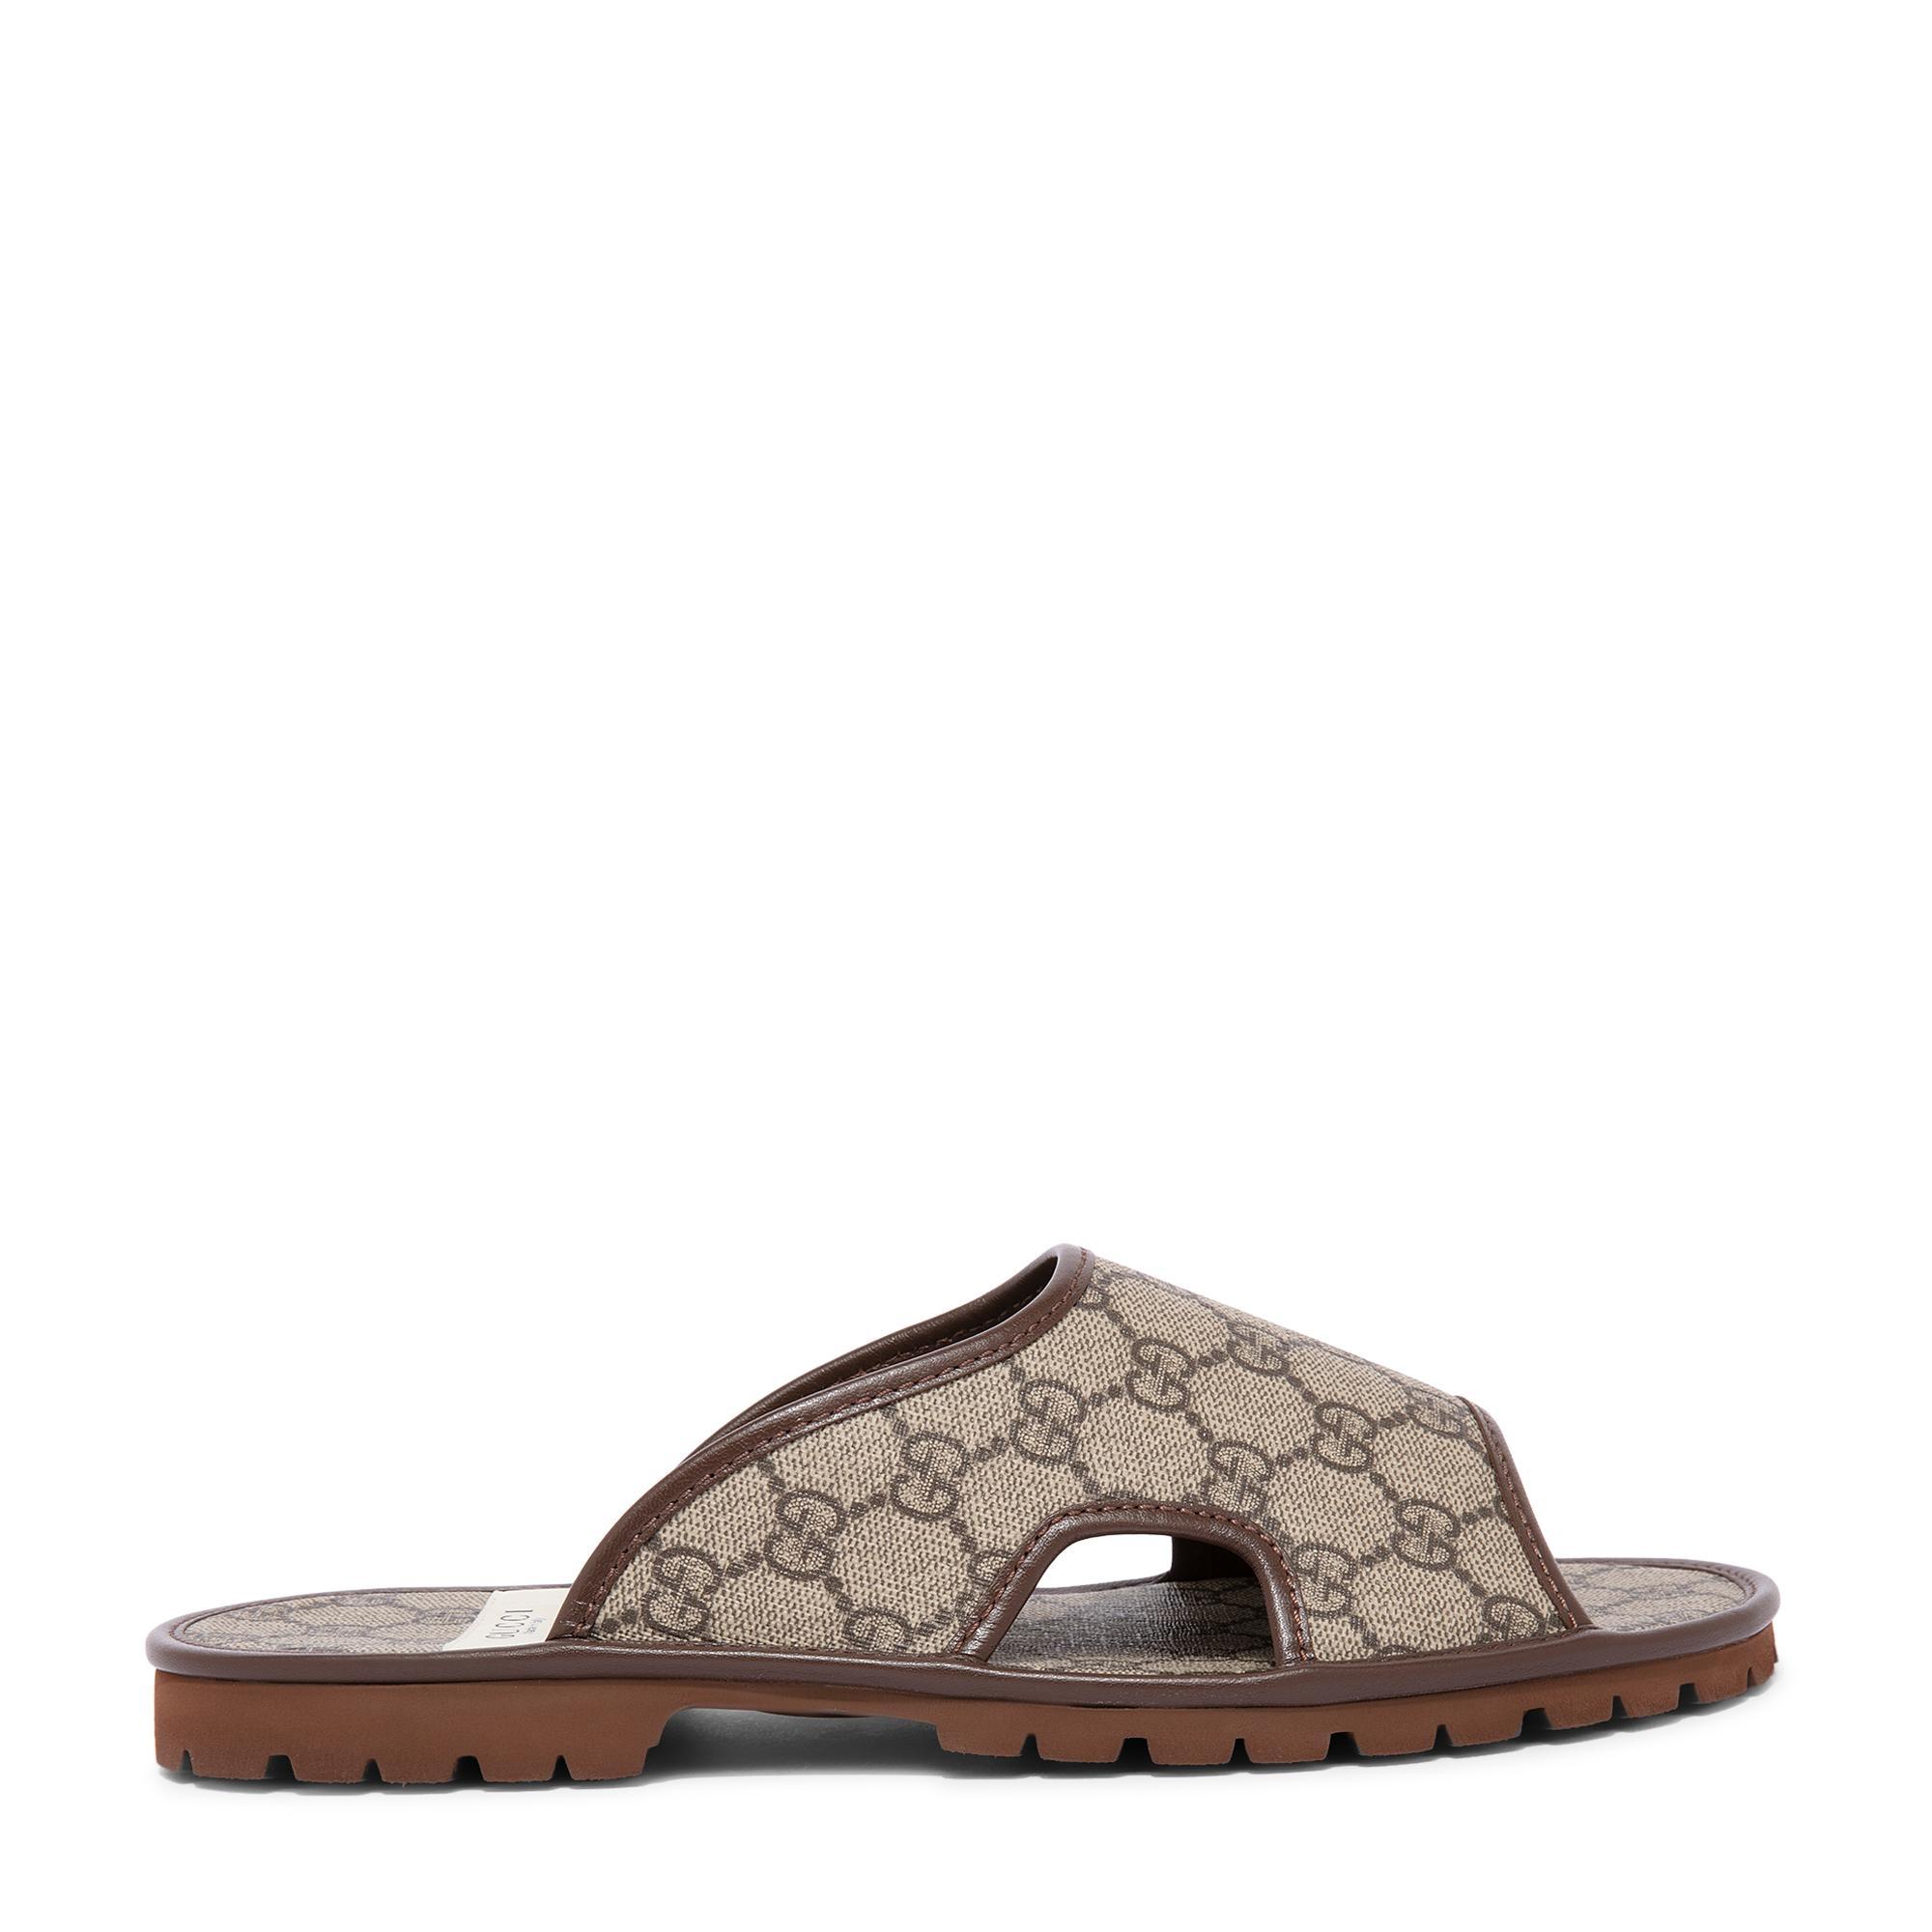 GG Supreme slide sandals